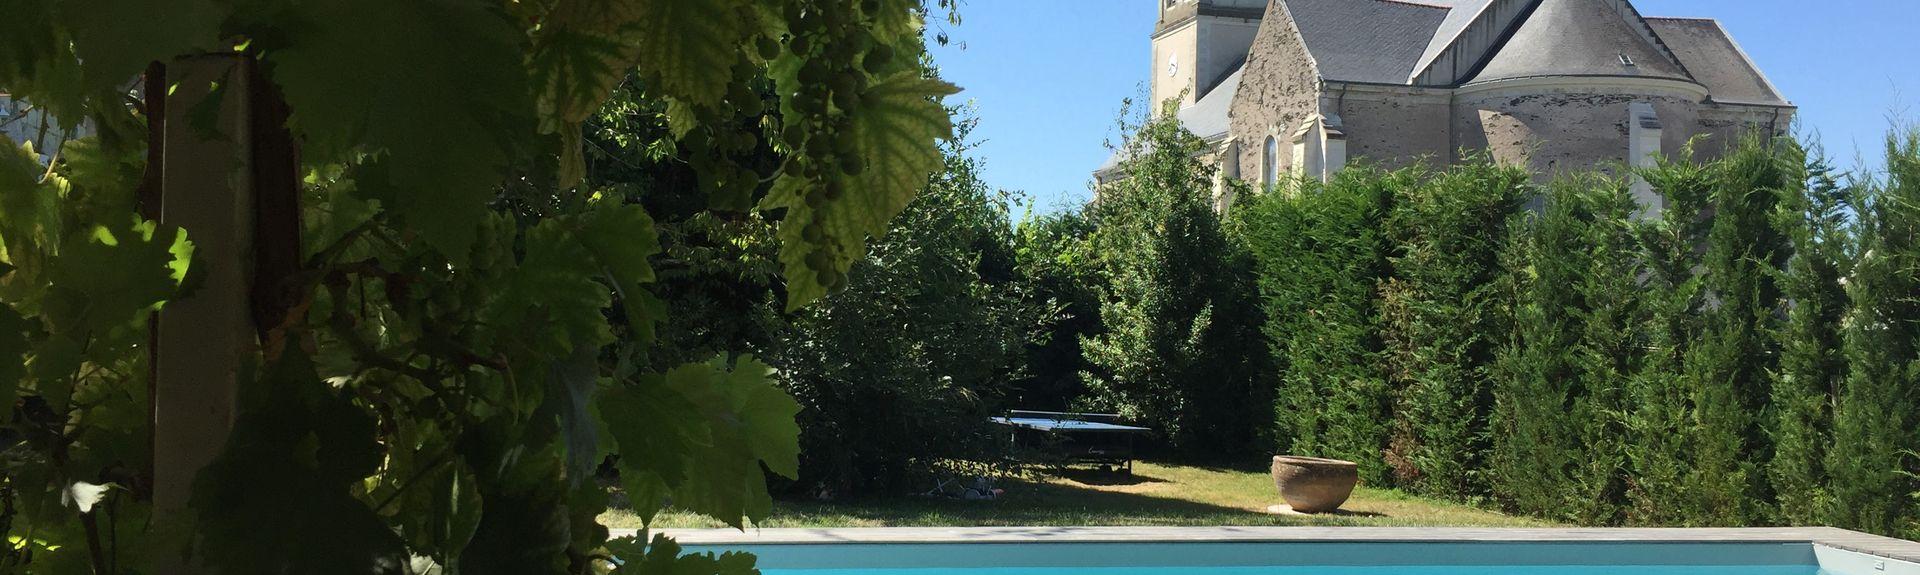 Saint-Georges-des-Sept-Voies, France